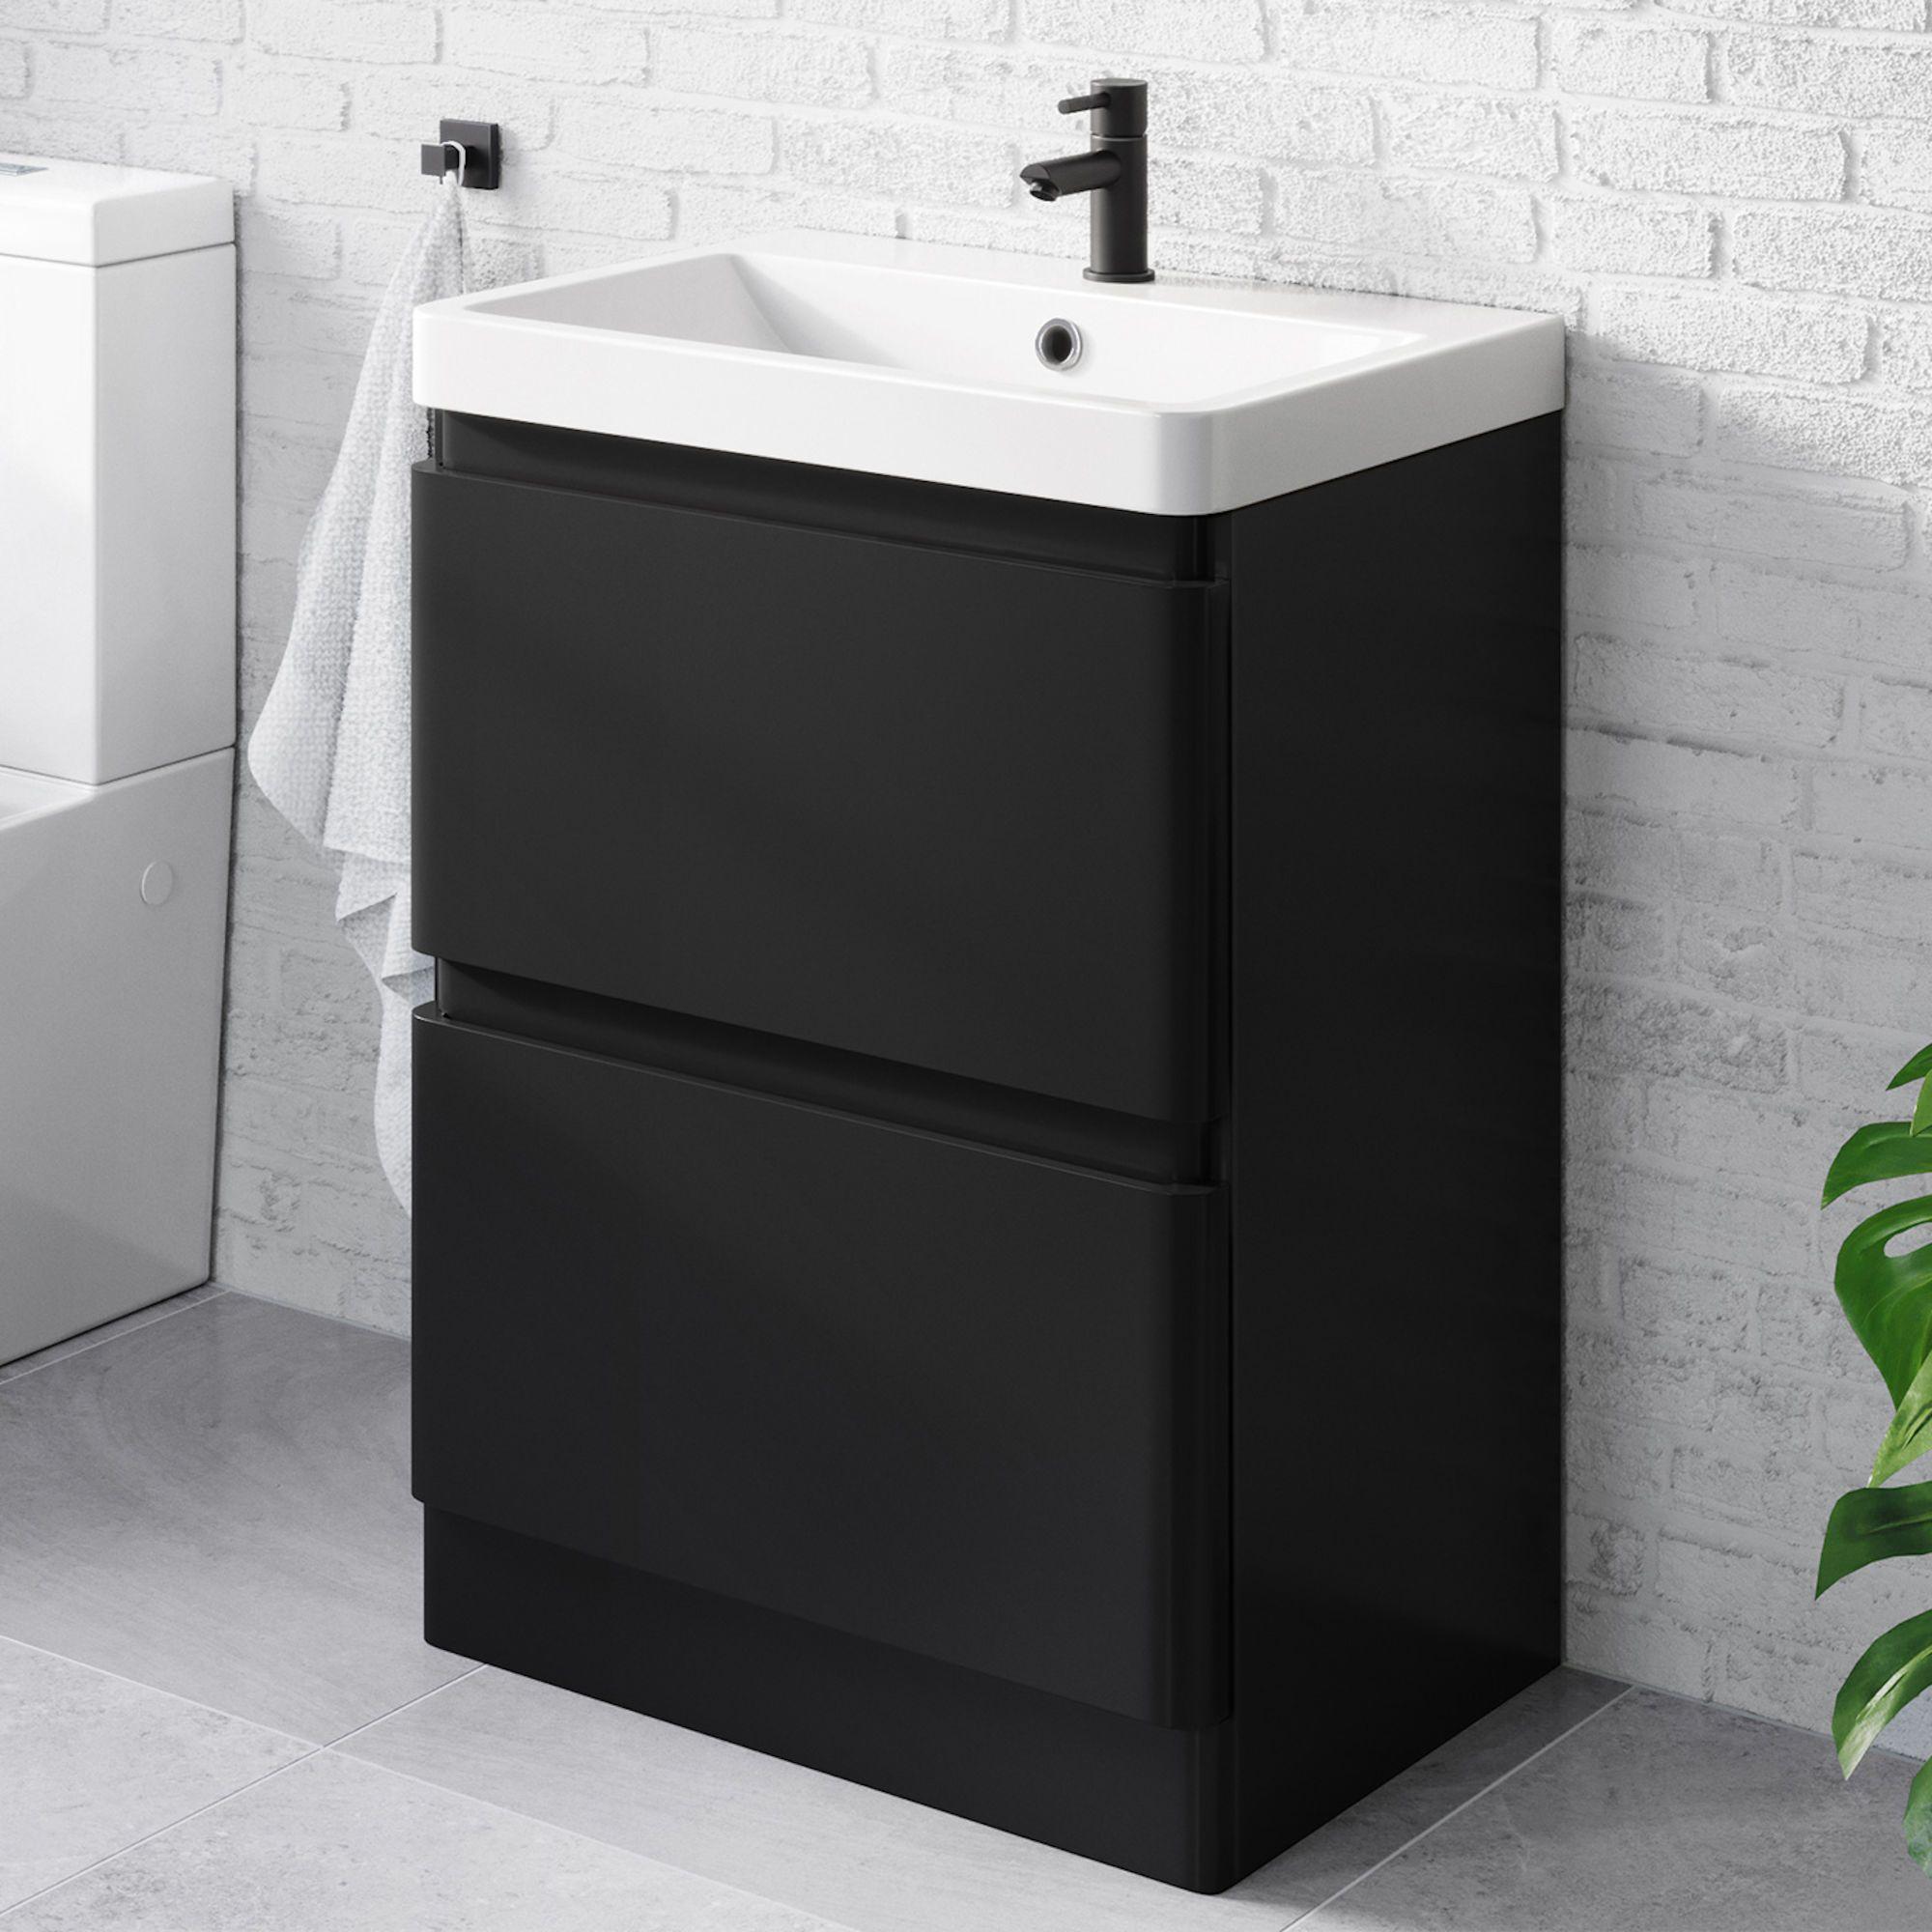 Black Vanity Unit With Sink Drawers